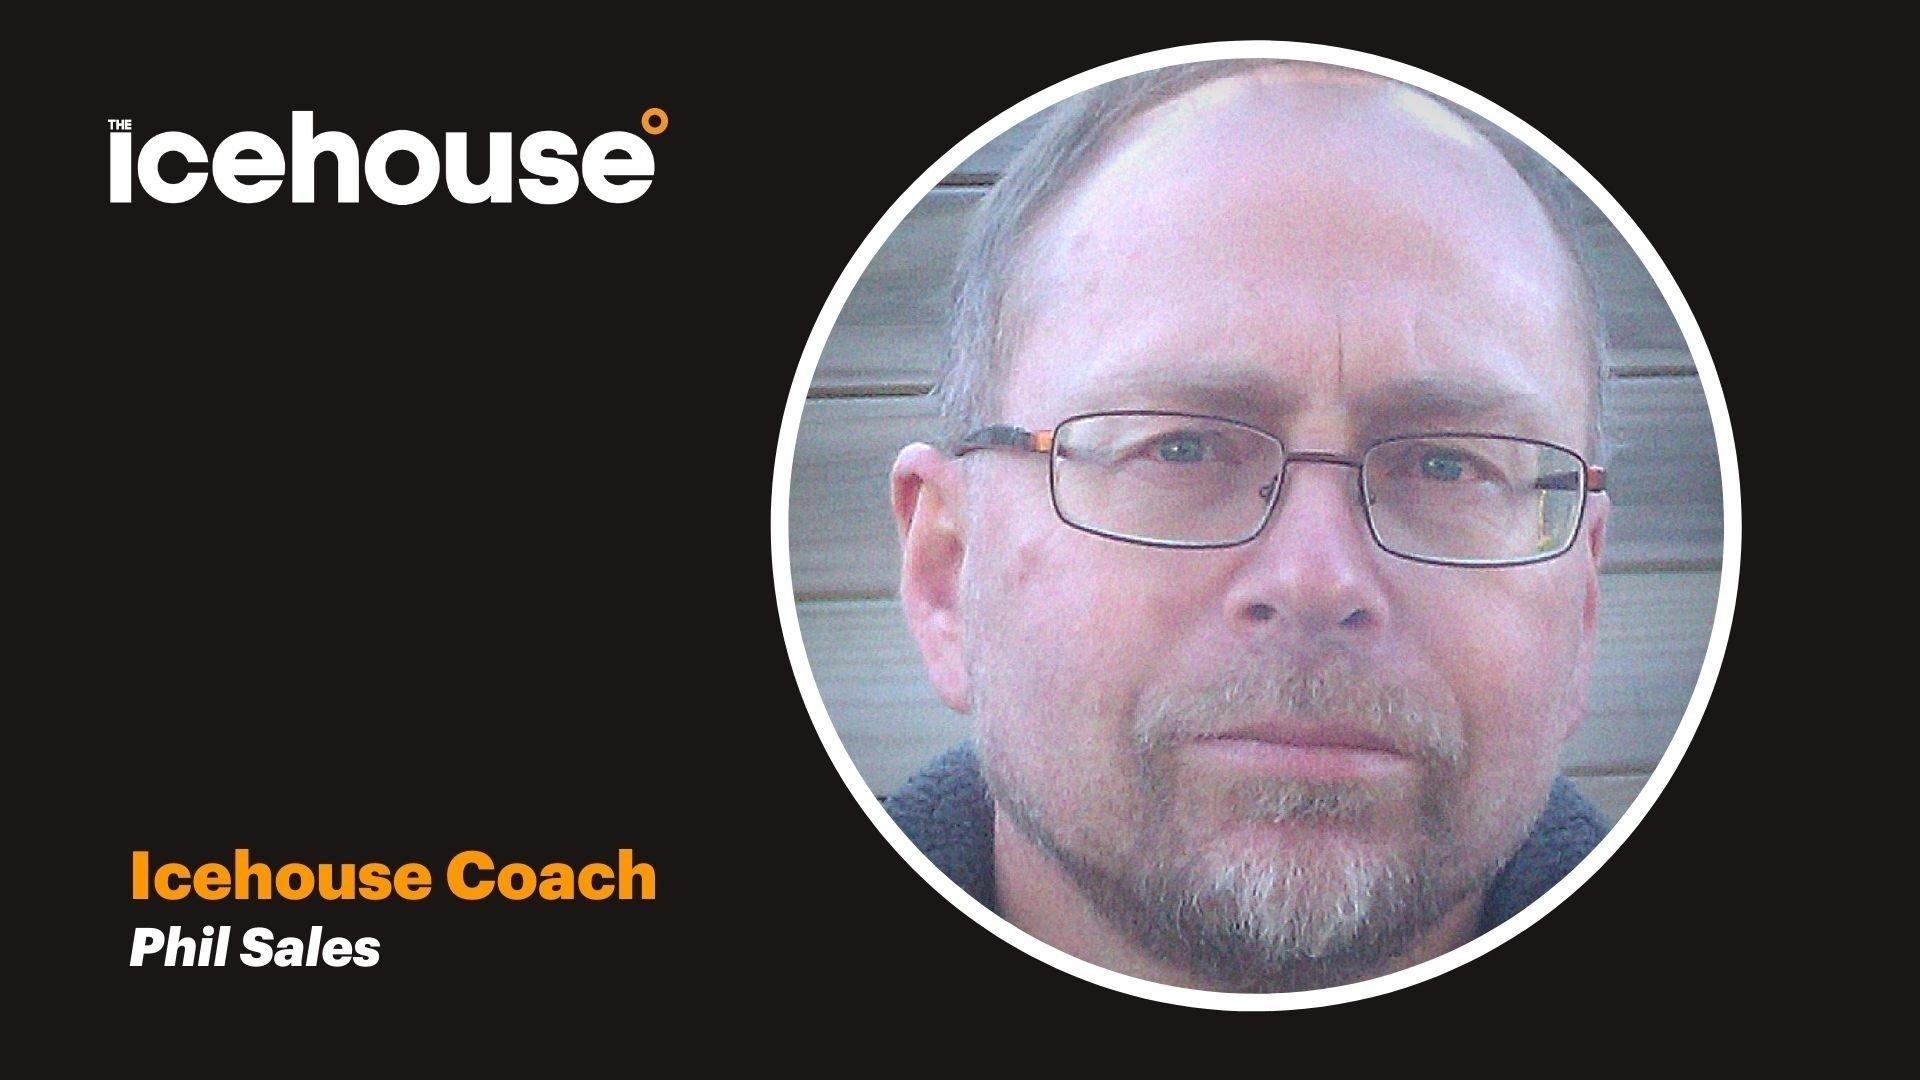 Phil Sales coach